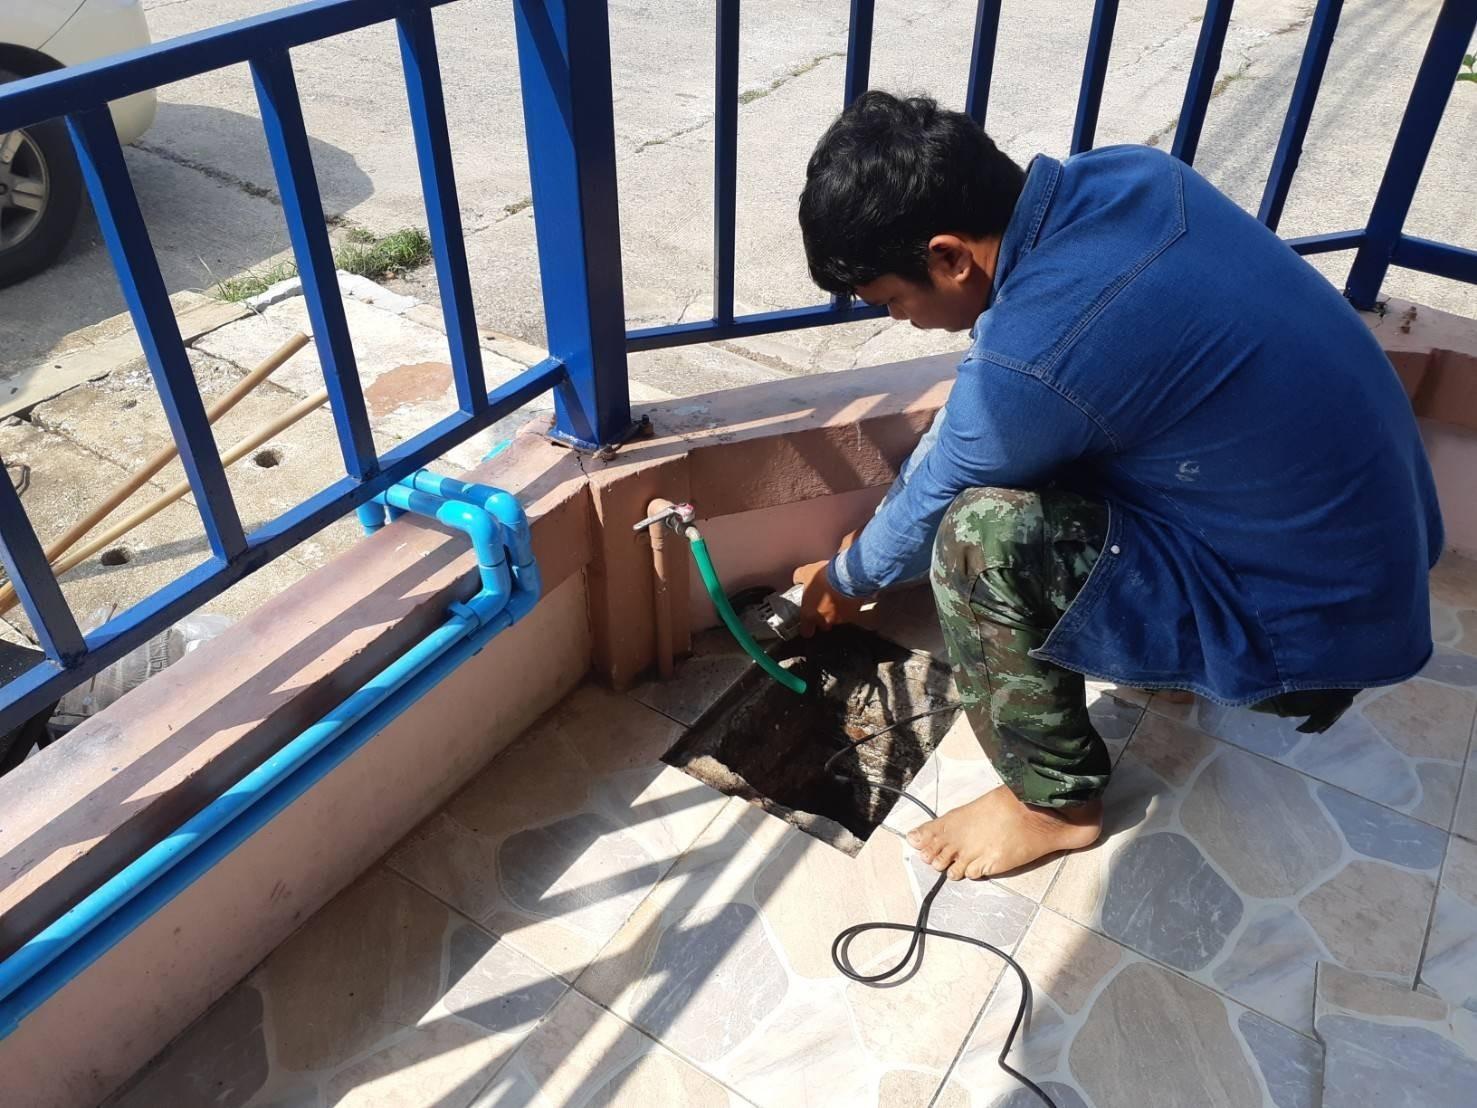 ช่างซ่อม ประปา ไฟฟ้า ปั้มน้ำ รังสิต ด่วน 0882750965 id line: @ckj5753k